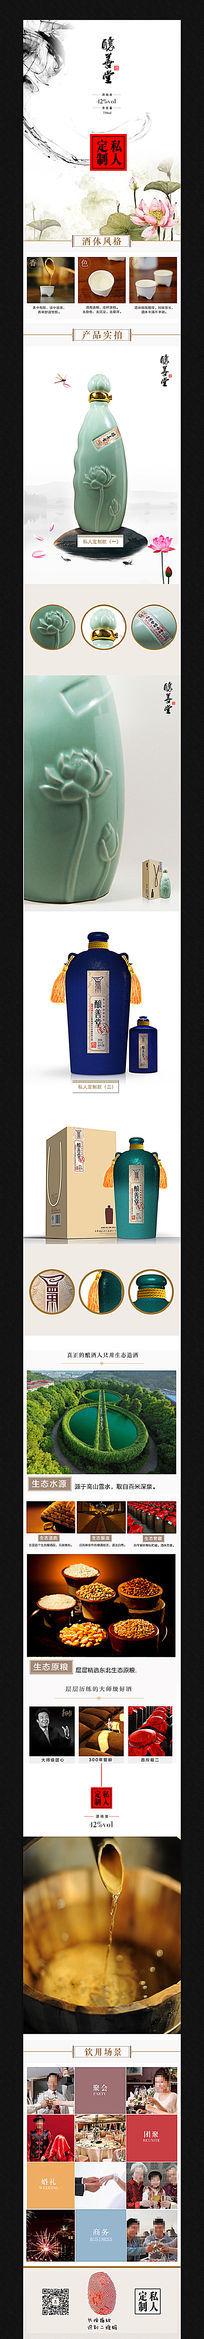 淘宝白酒详情页描述模板